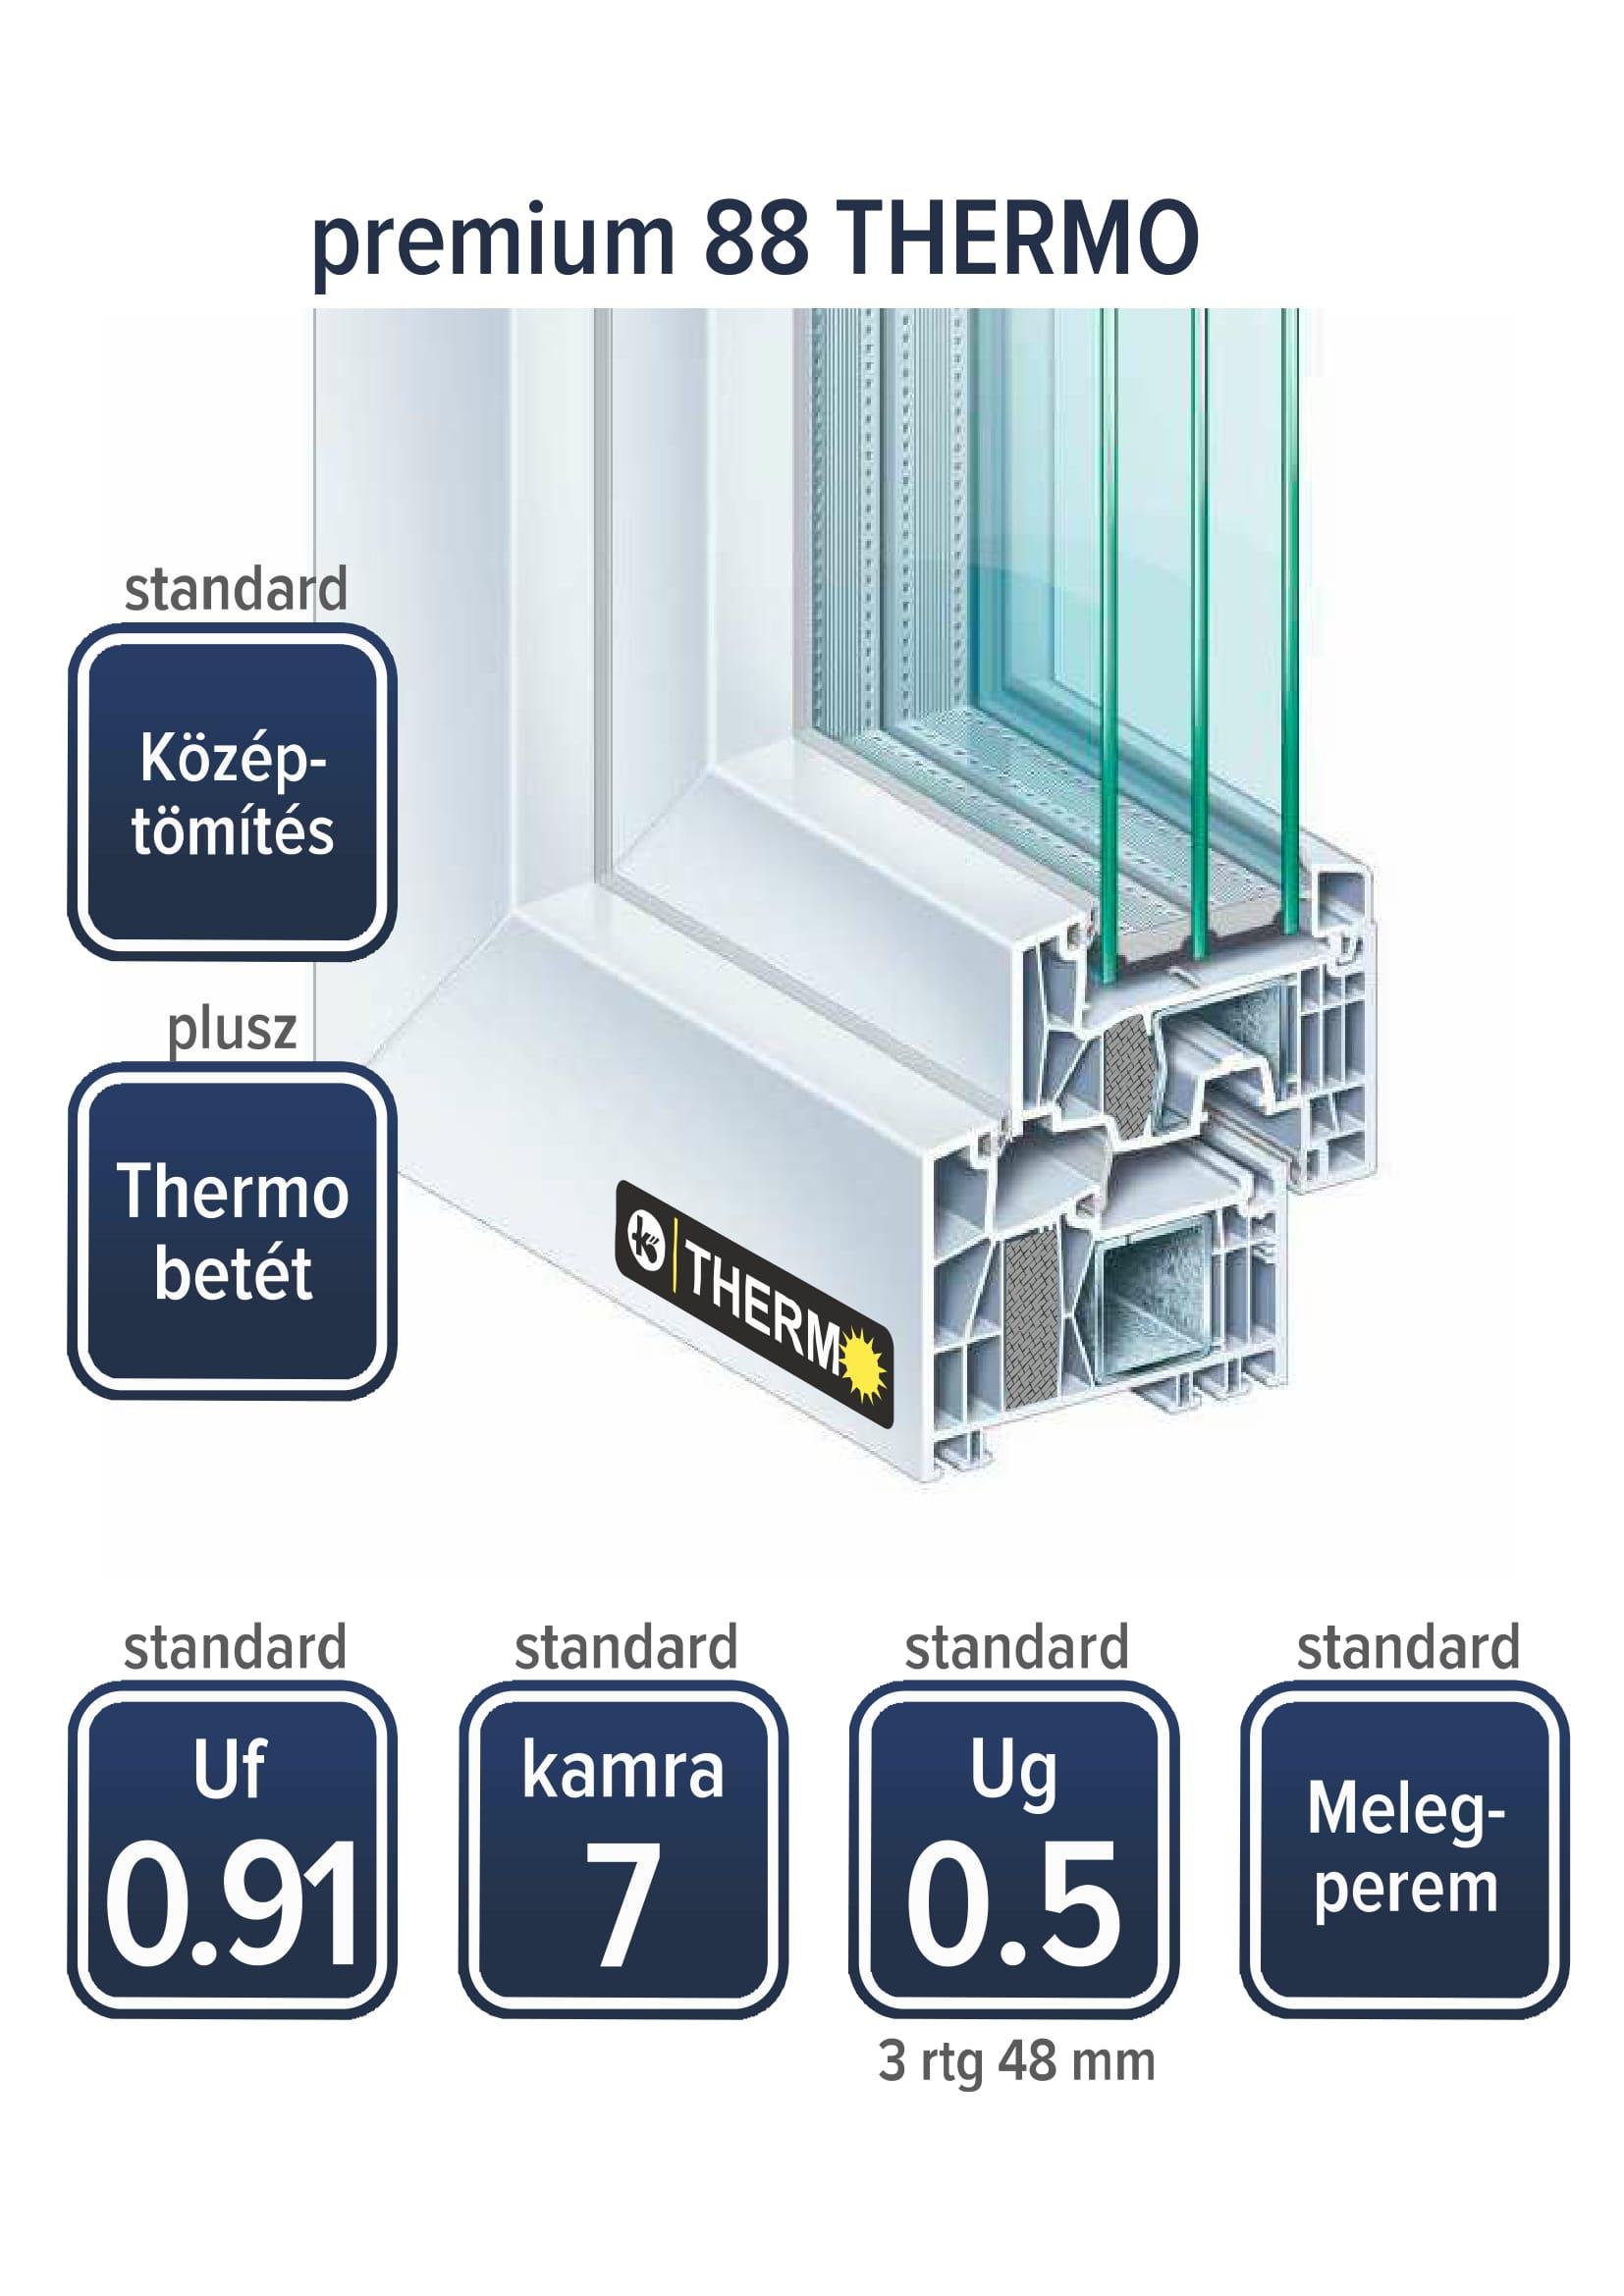 Kömmerling premium 88 thermo műnyag ablak